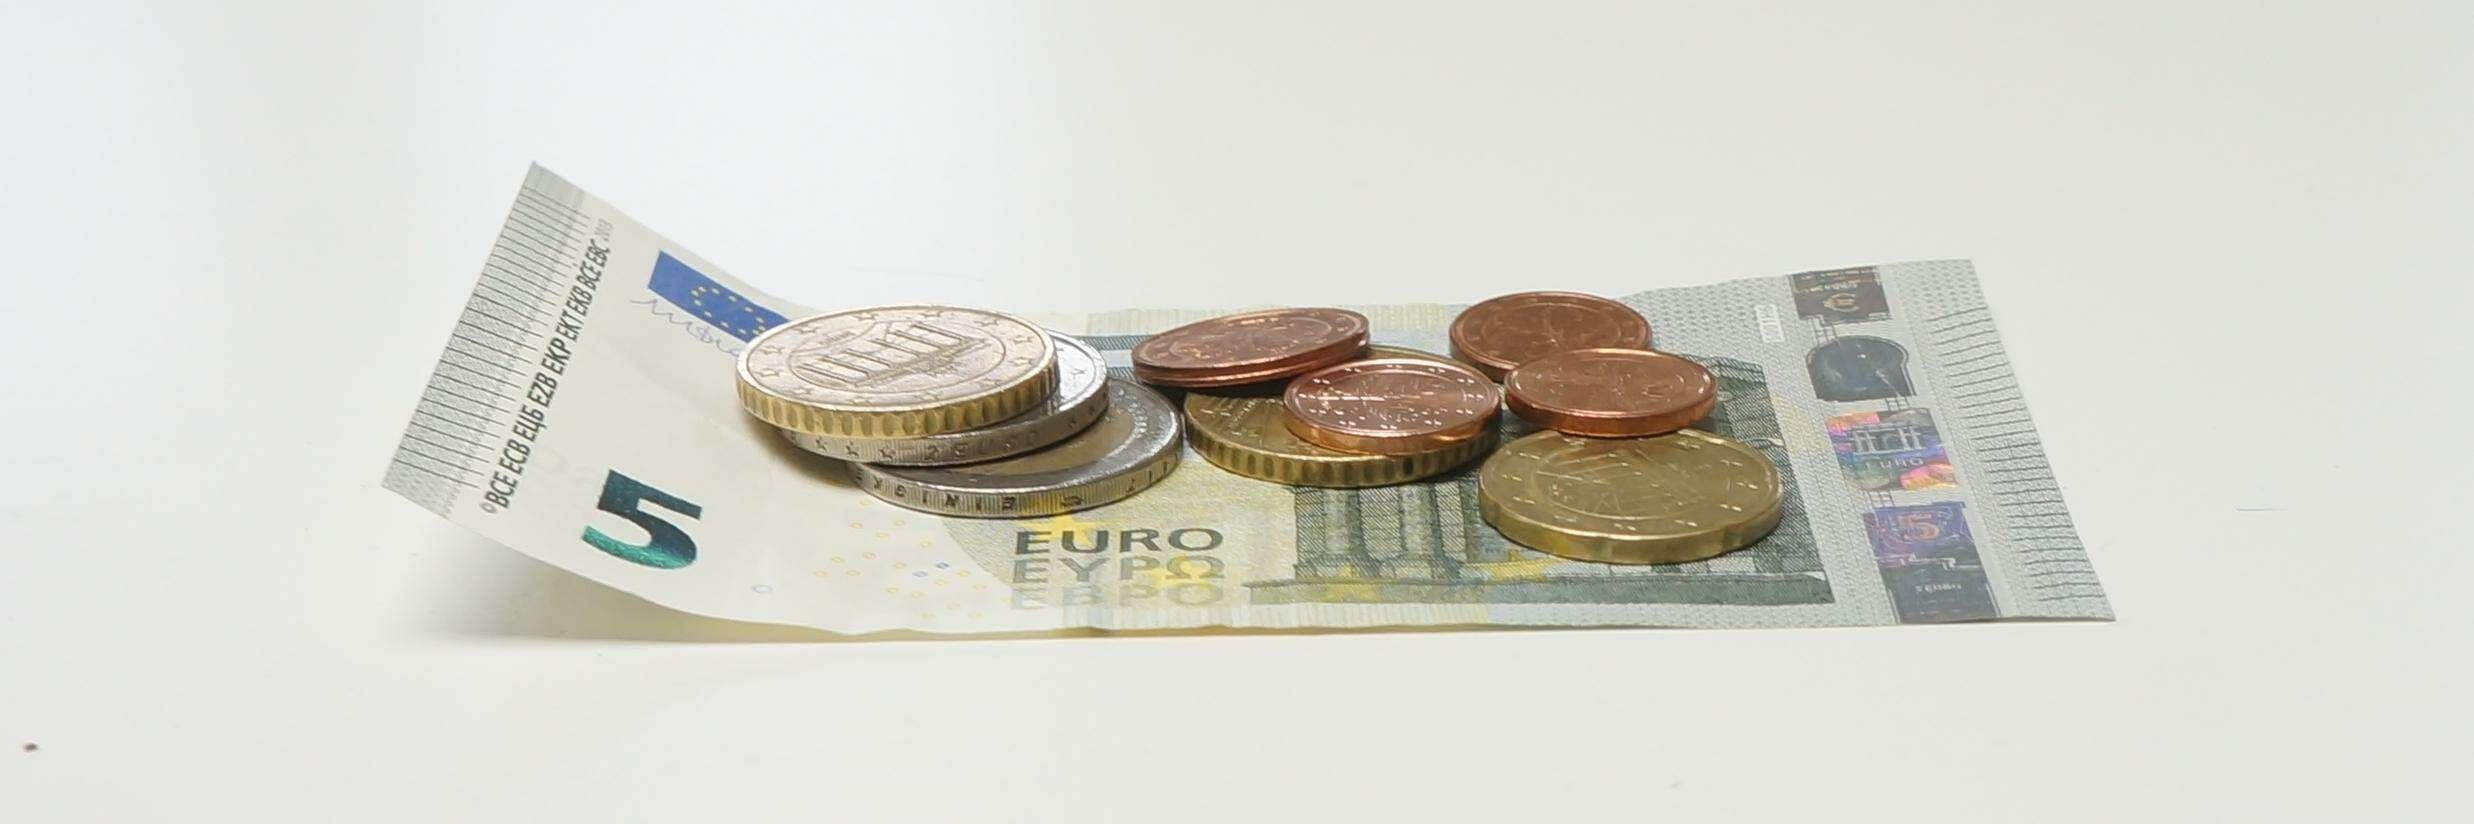 Geldnoten und Münzen